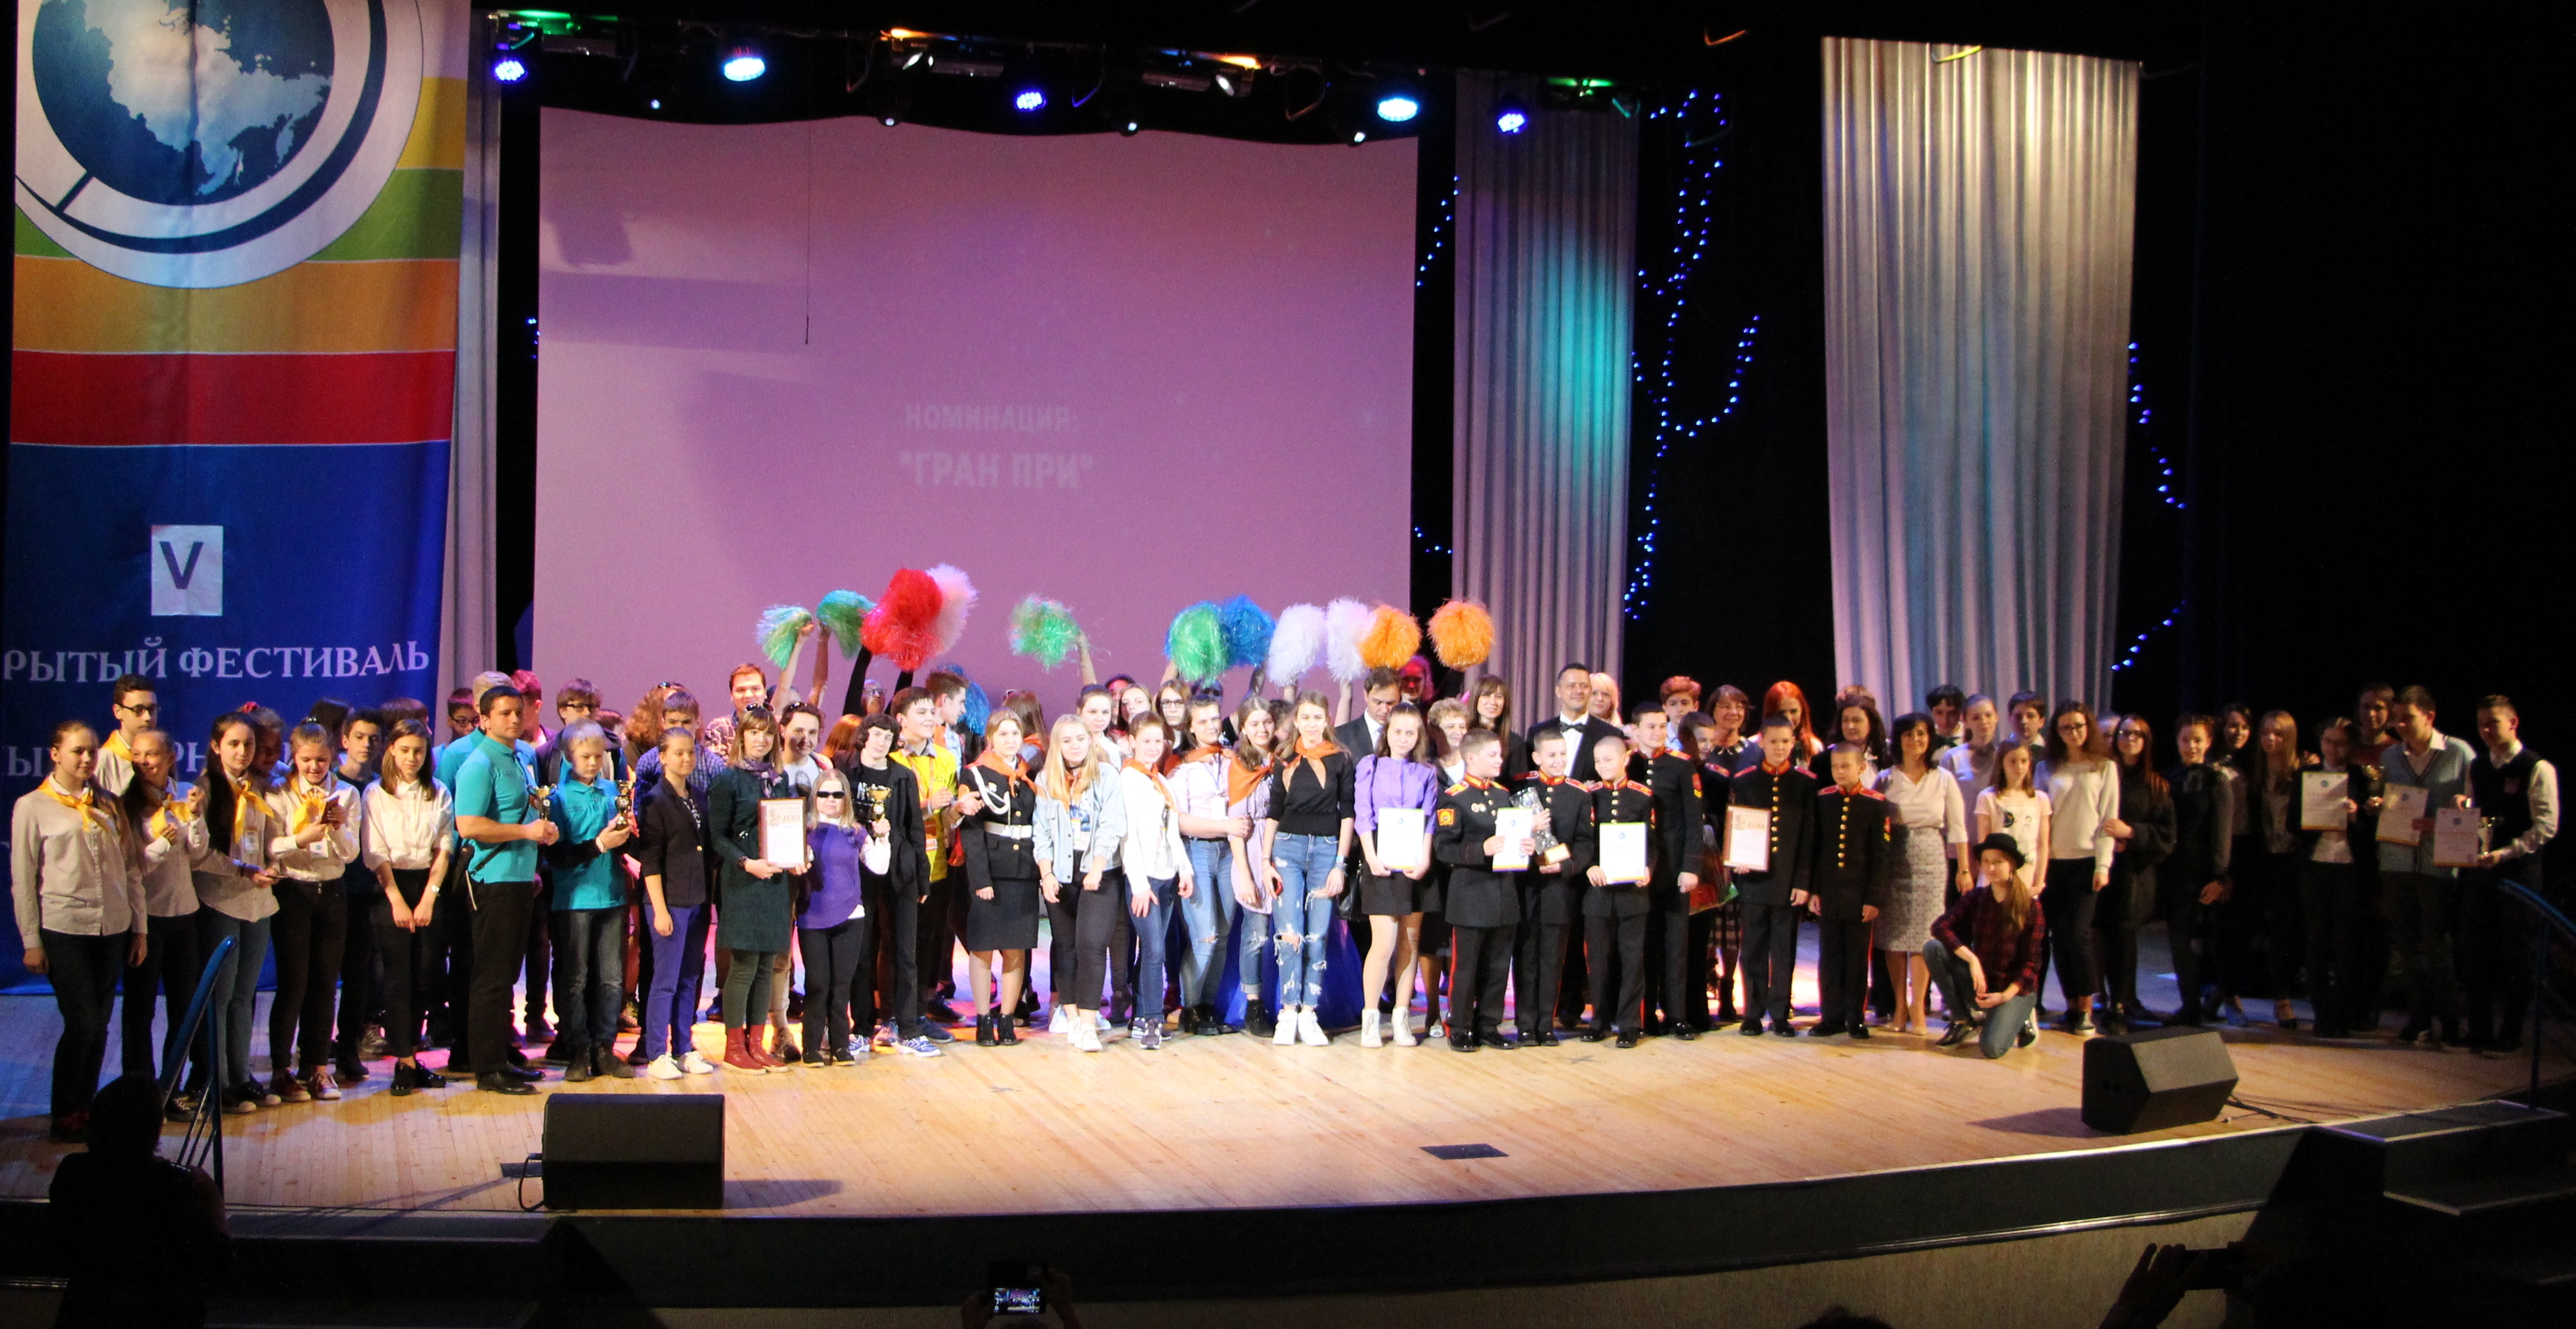 VI Открытый фестиваль юных журналистов города Москвы